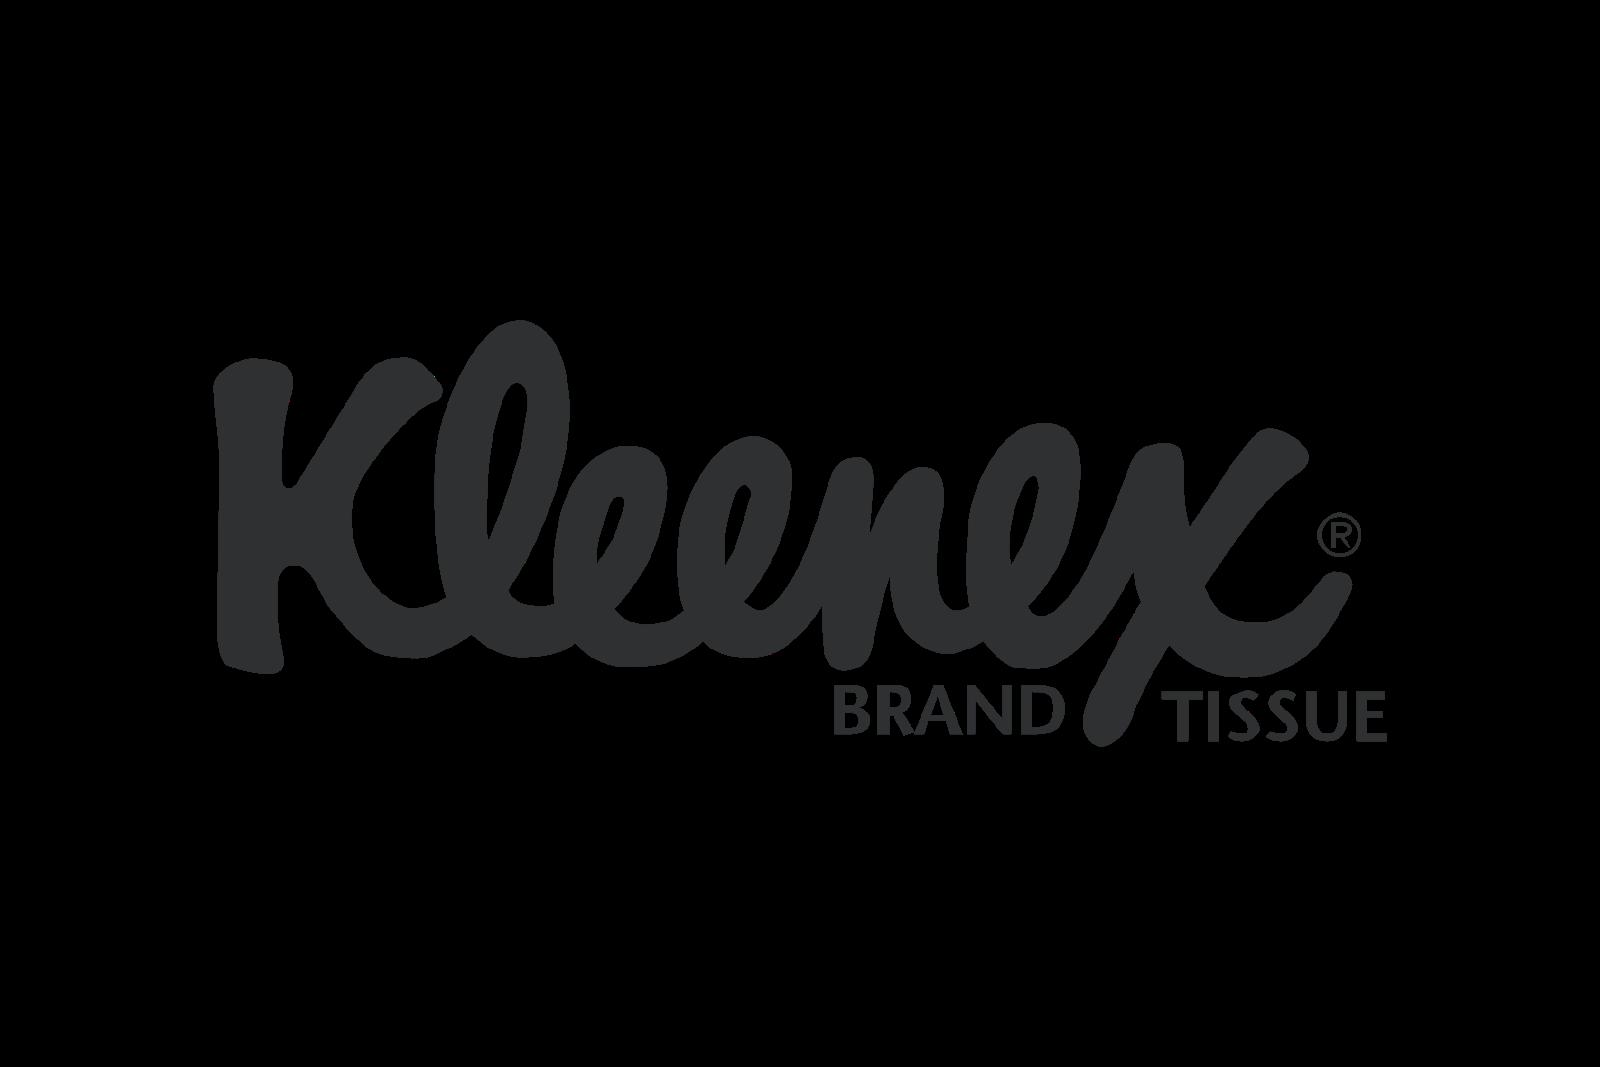 Kleenex.png